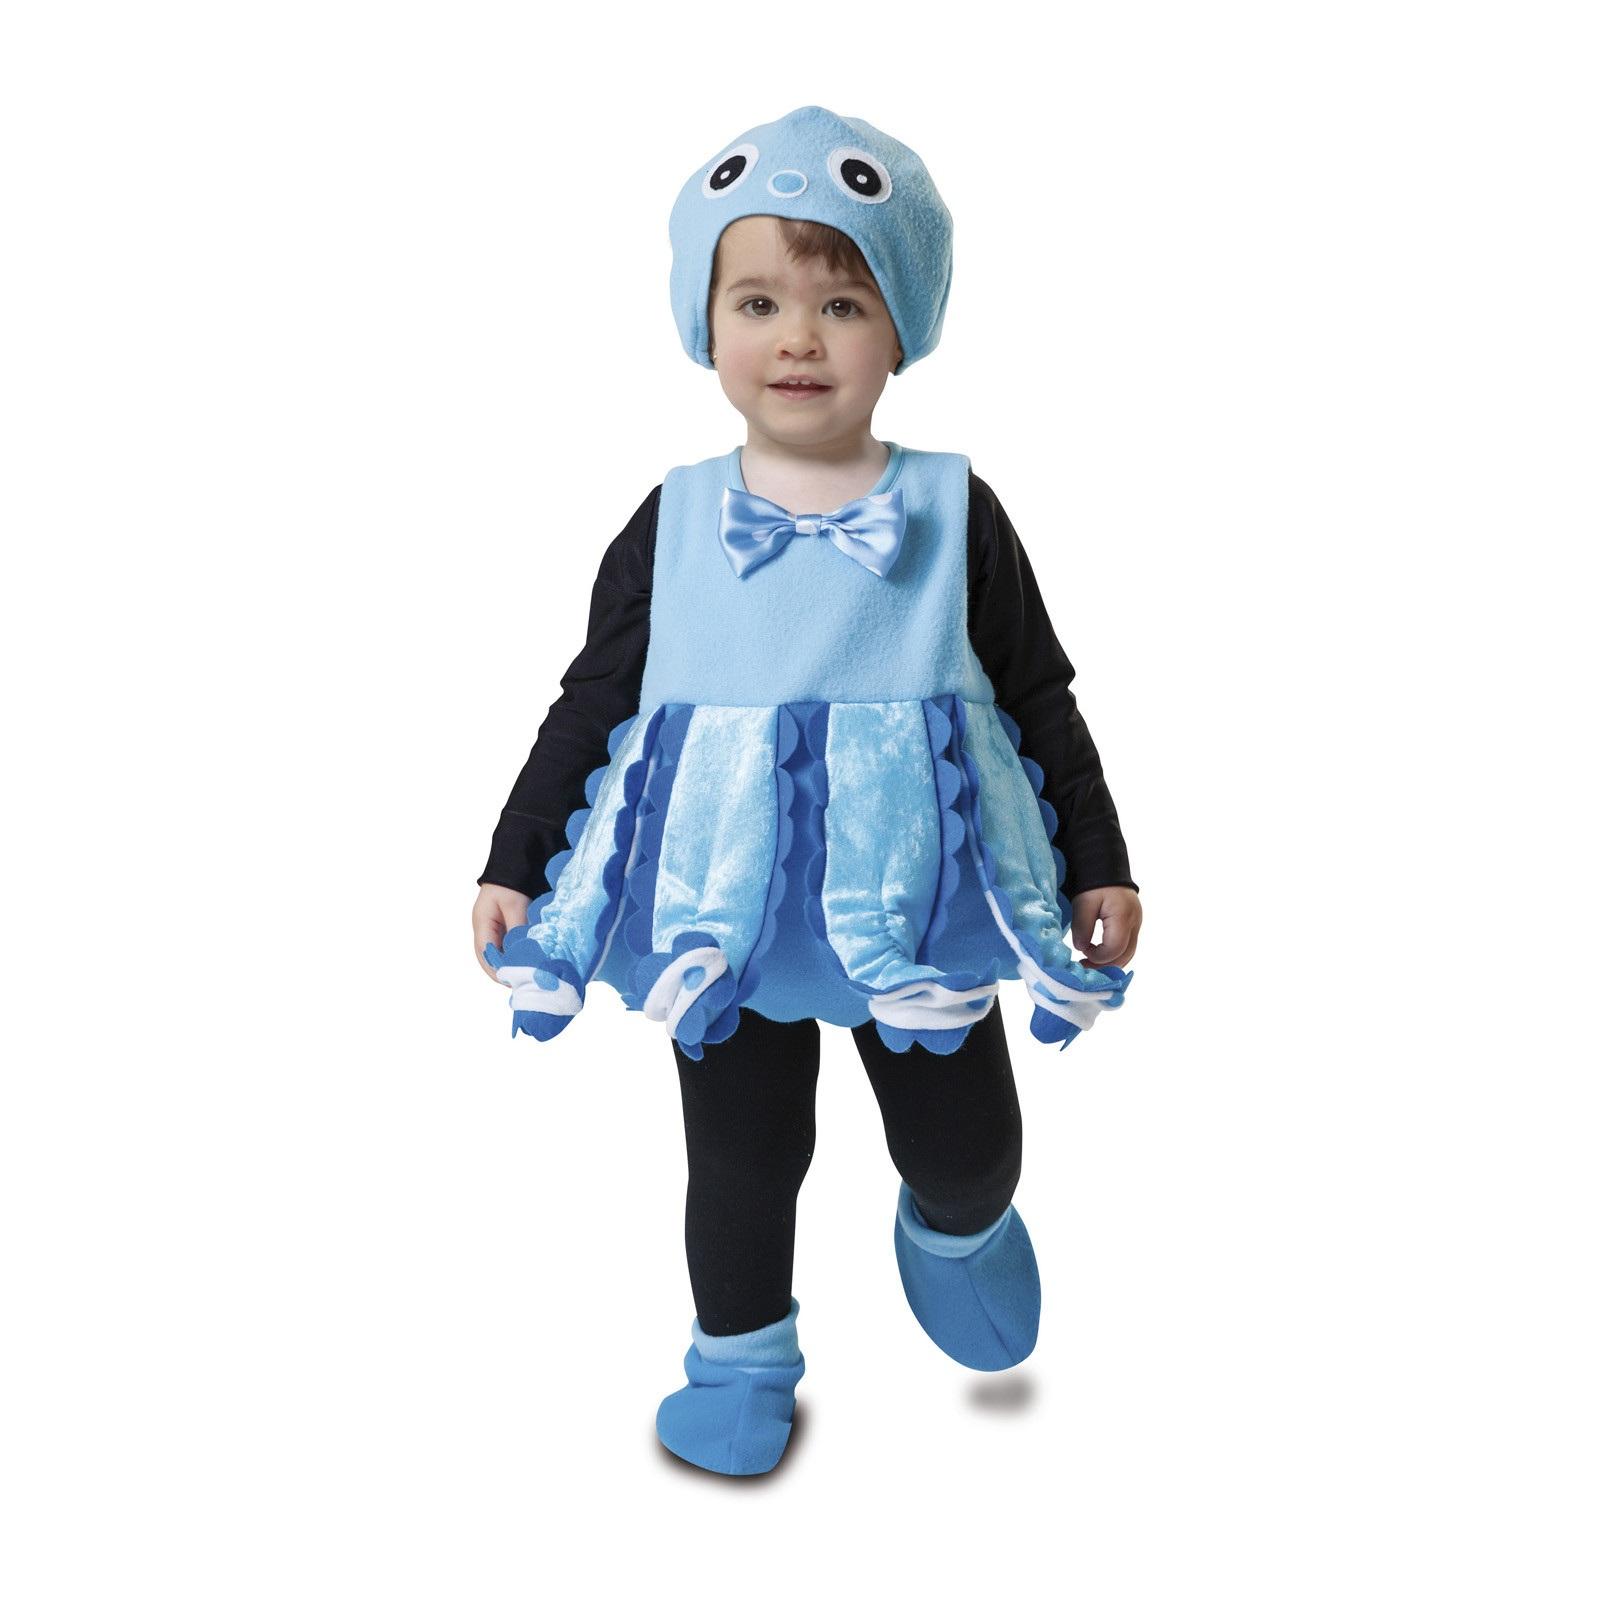 disfraz pequeño pulpo bebé 203208mom - DISFRAZ DE PEQUEÑO PULPO BEBE